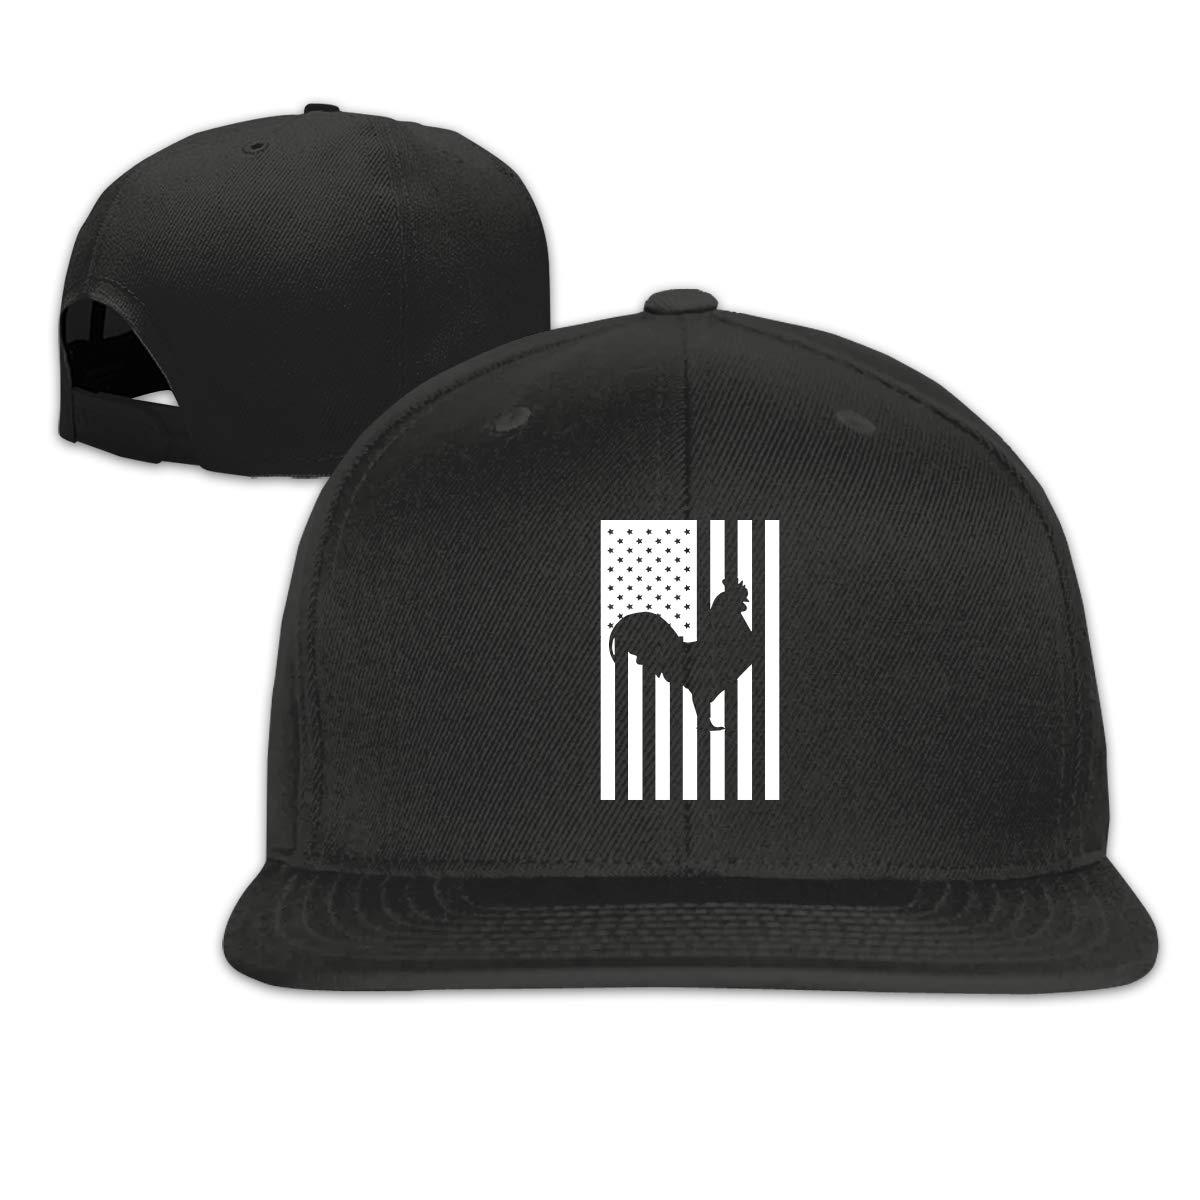 Vintage Rooster Trucker Hat Black